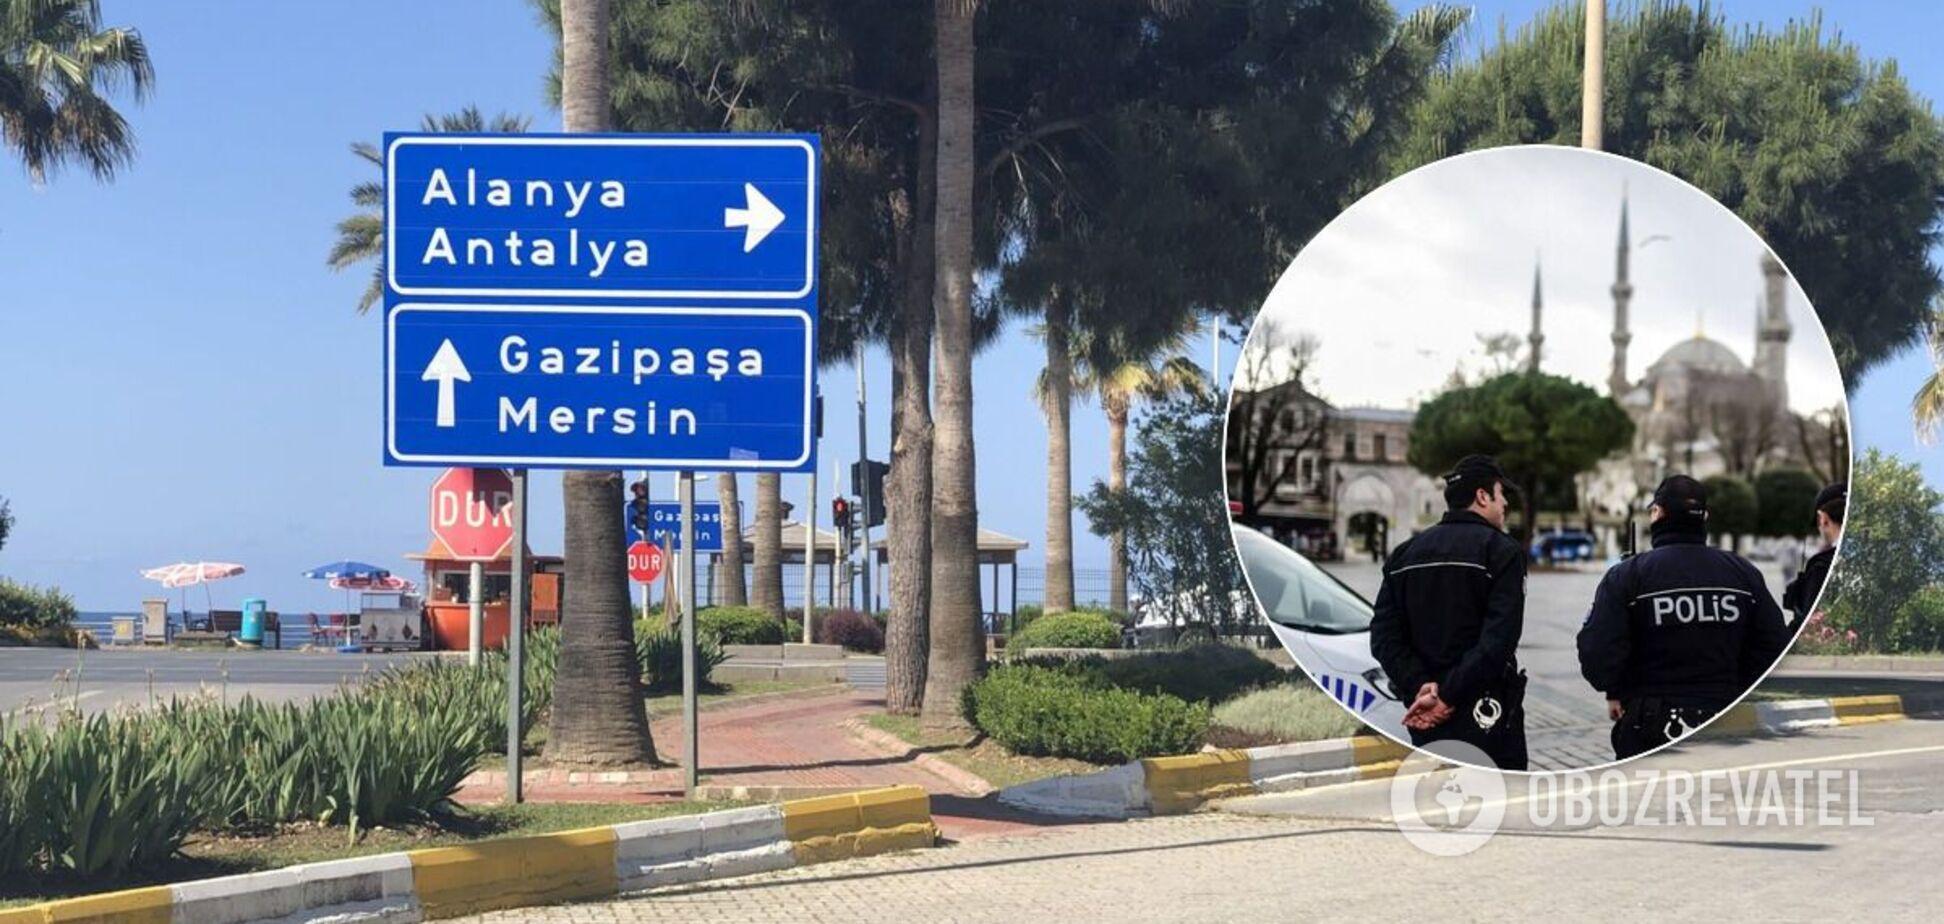 У Туреччині автобус з туристами потрапив у ДТП: постраждала українка